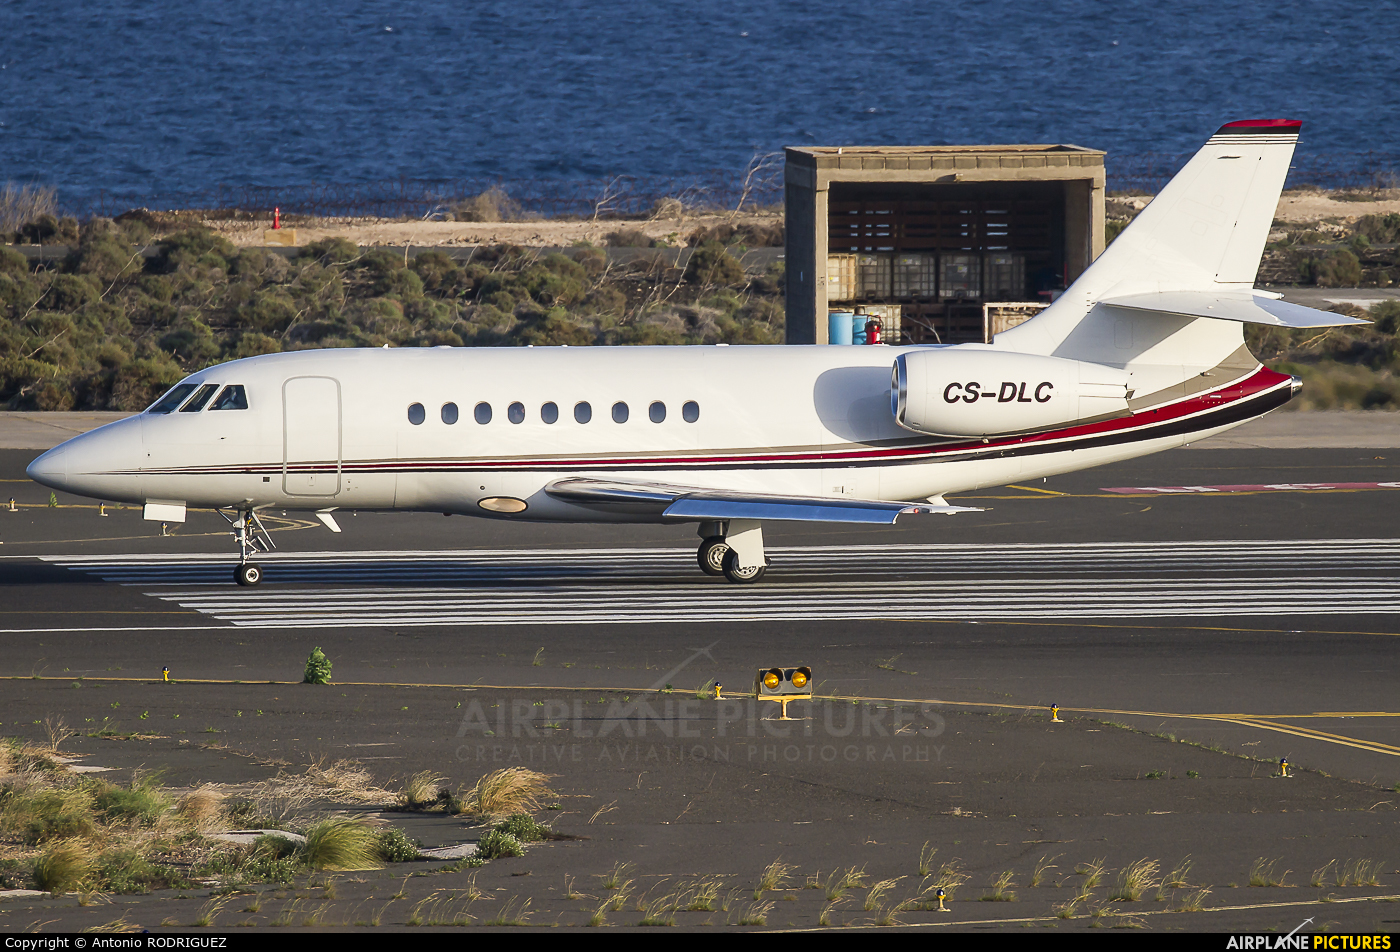 NetJets Europe (Portugal) CS-DLC aircraft at Las Palmas de Gran Canaria